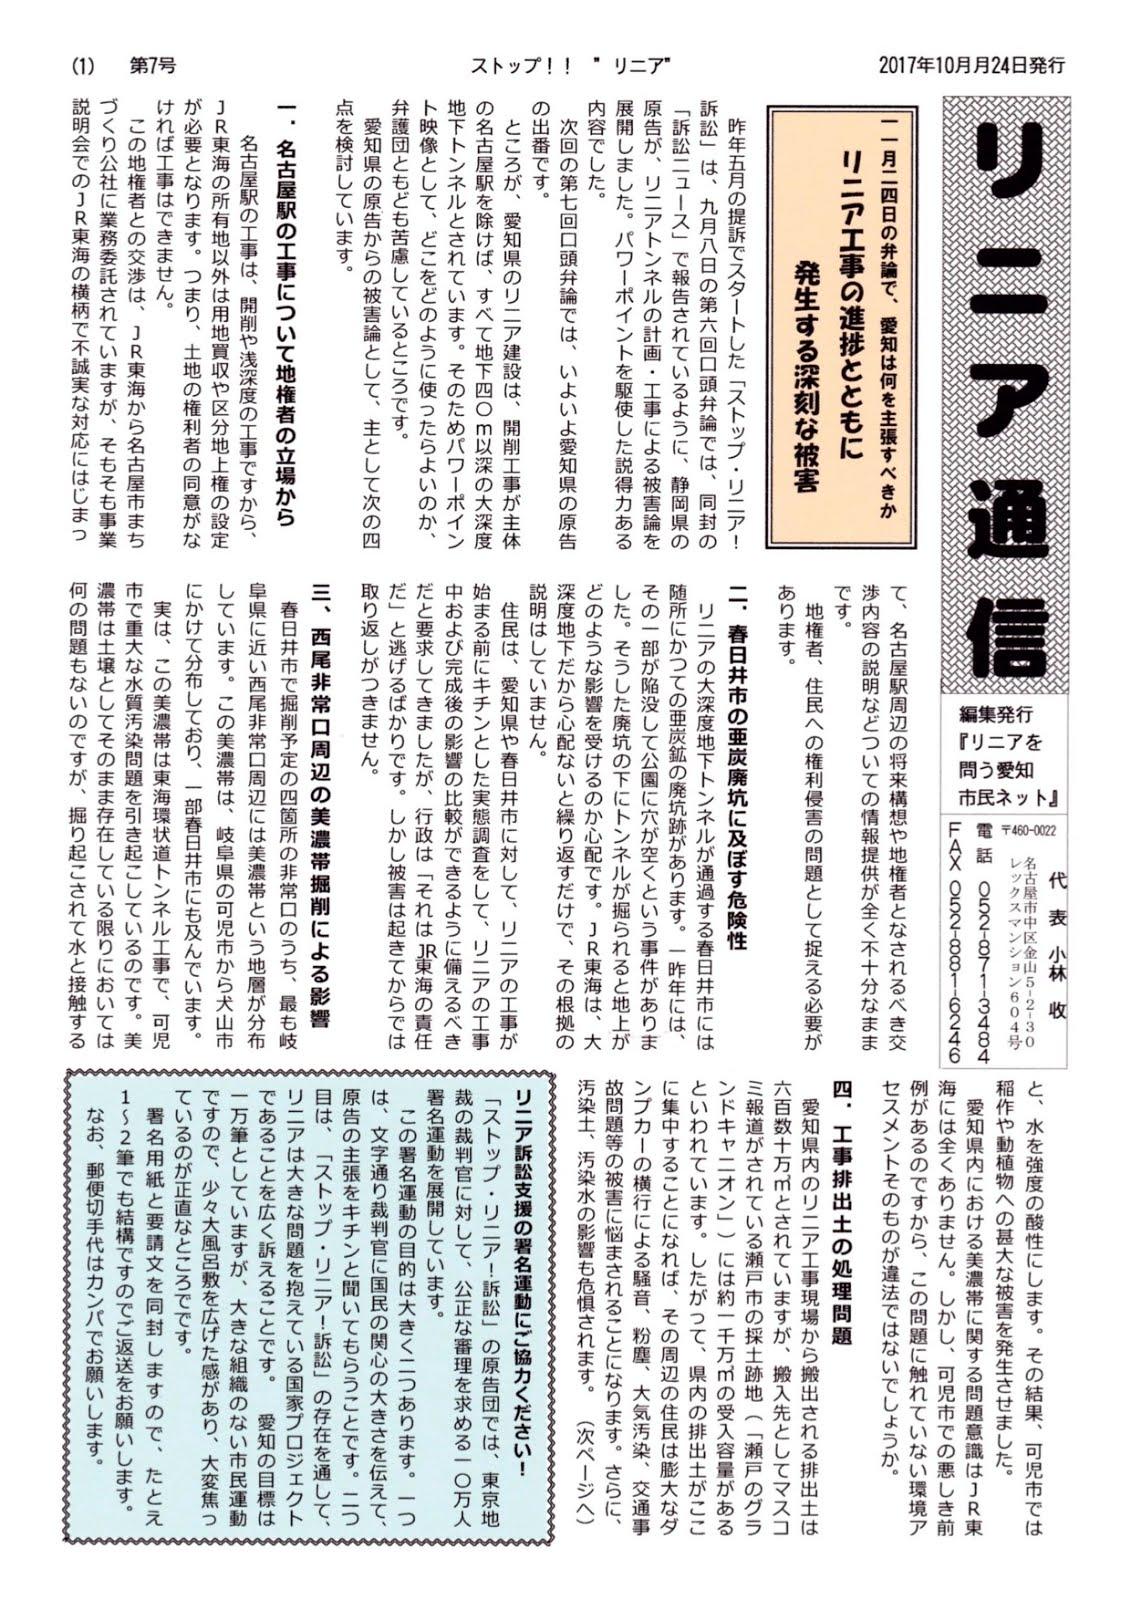 速報 - 毎日新聞のニュース・情報サイト